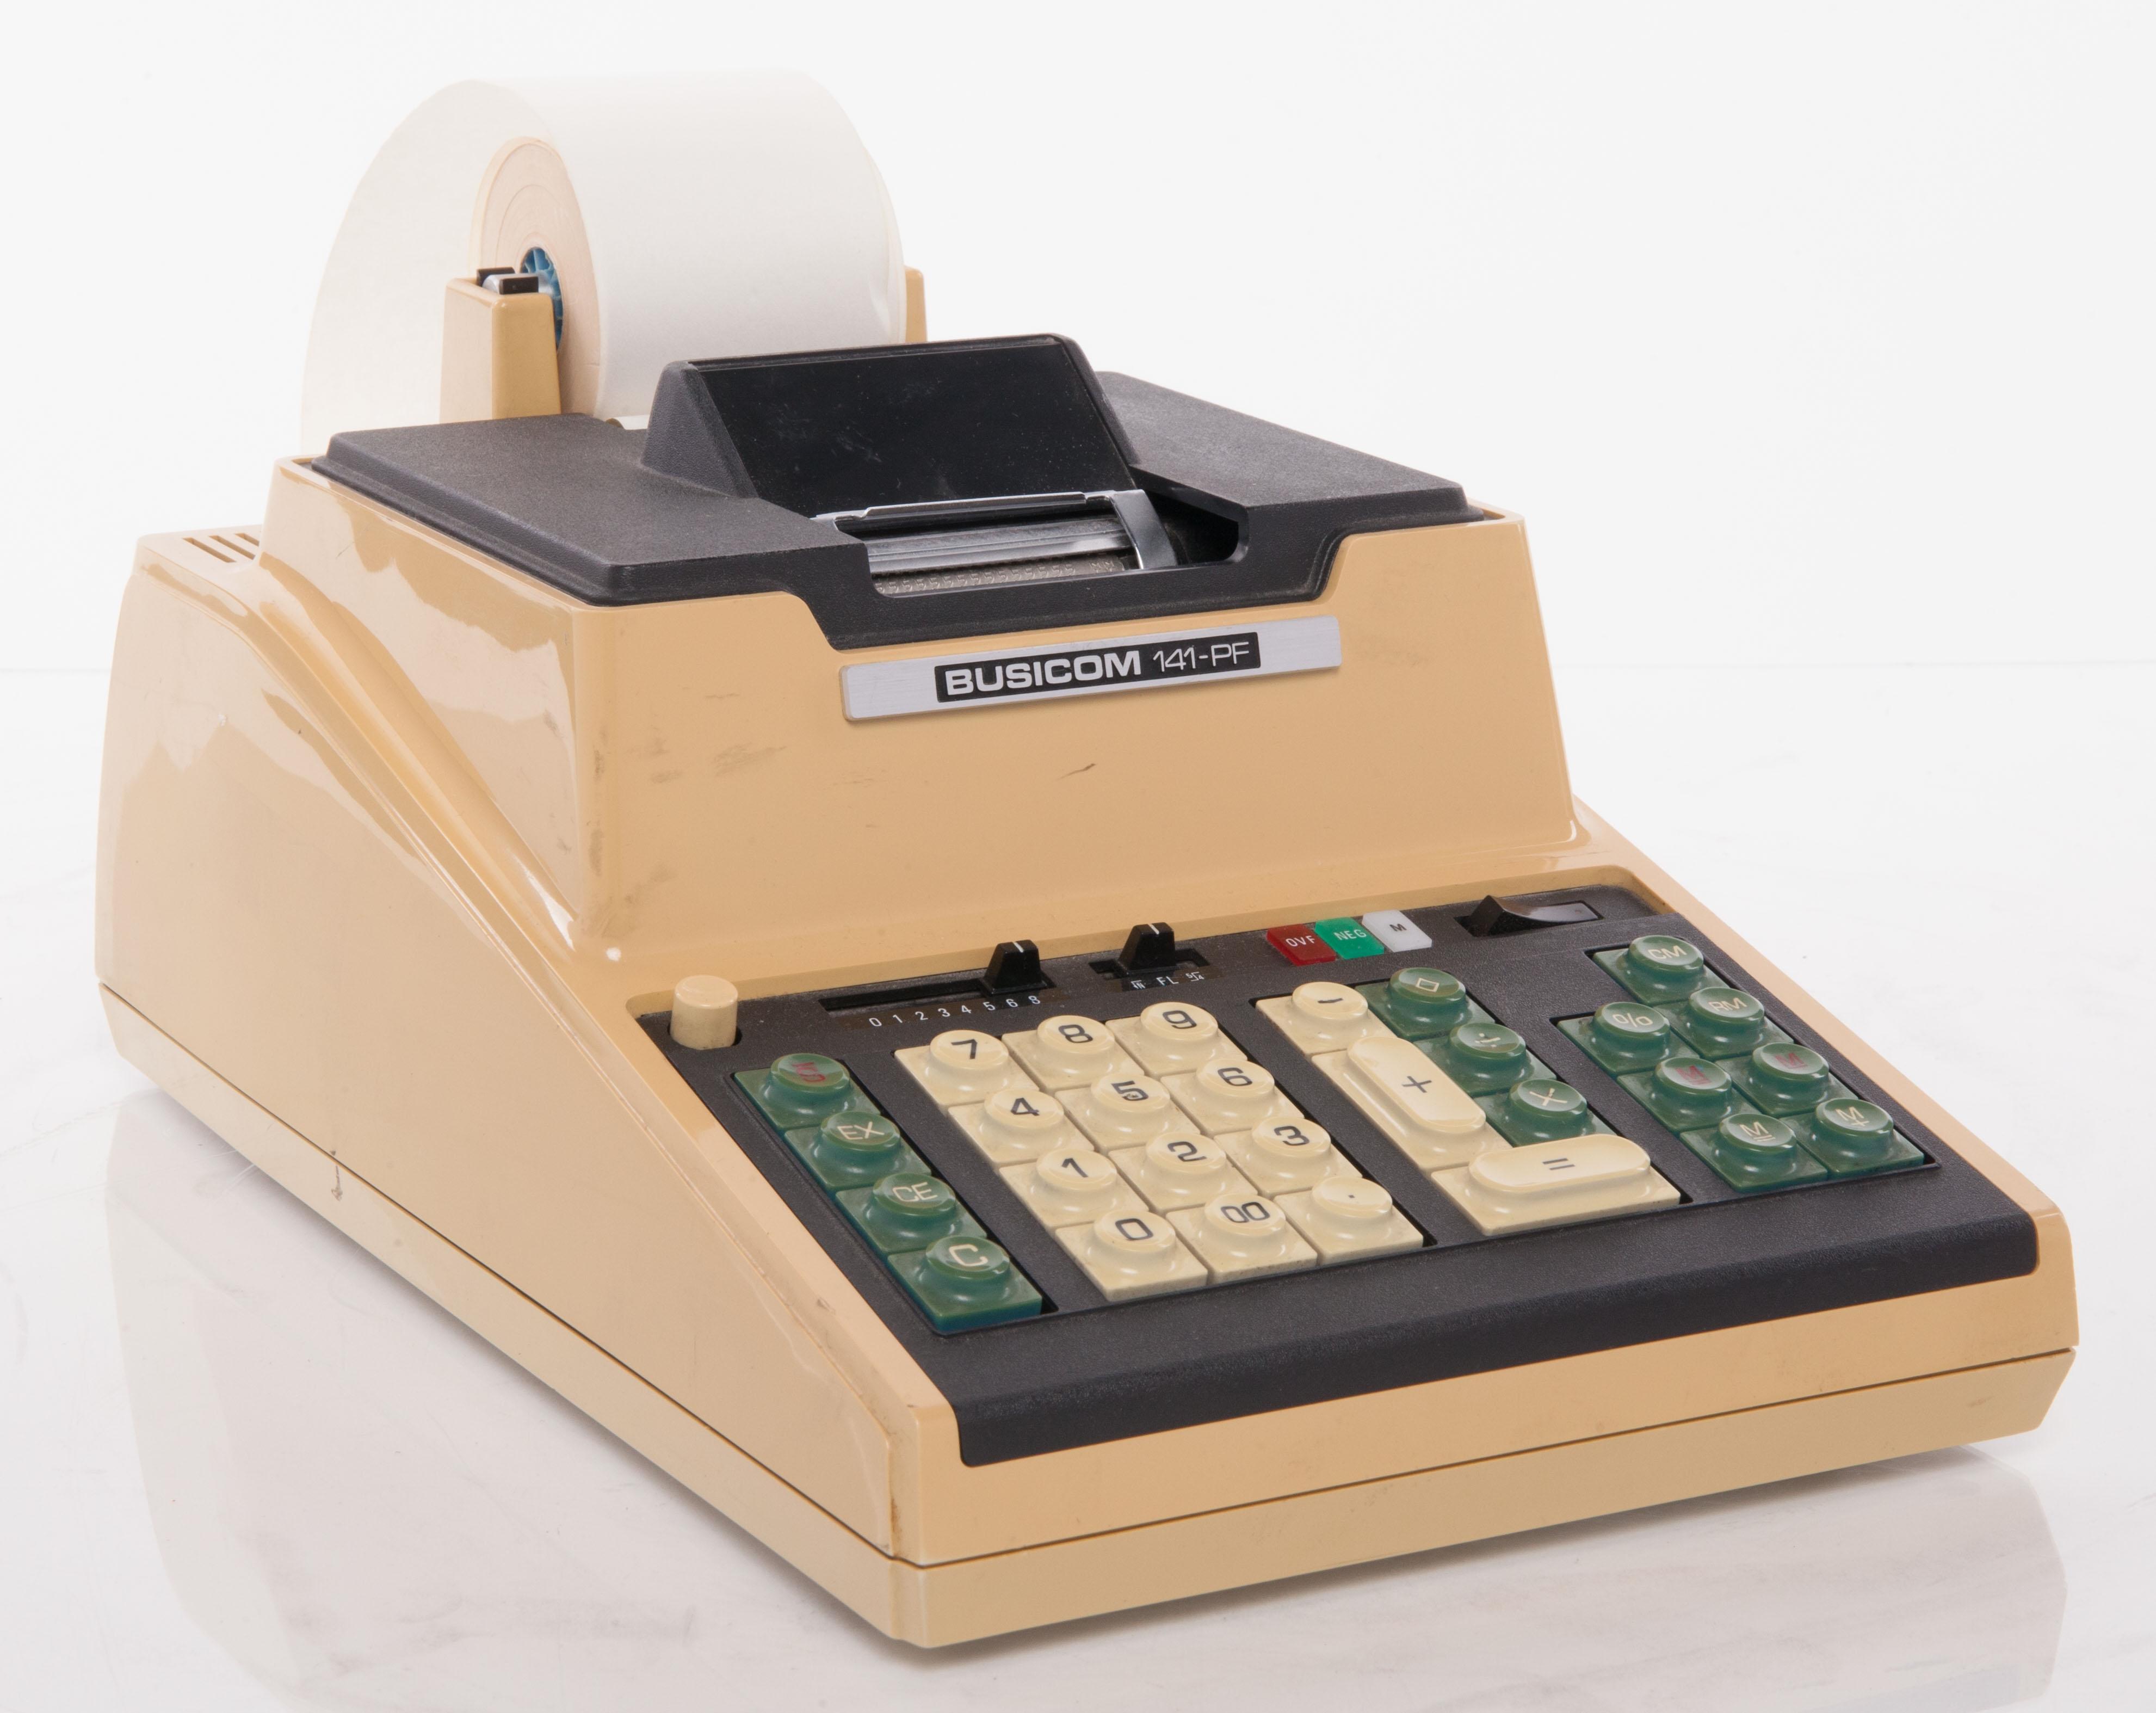 采用intel 4004处理器的busicom 141-pf桌面计算器